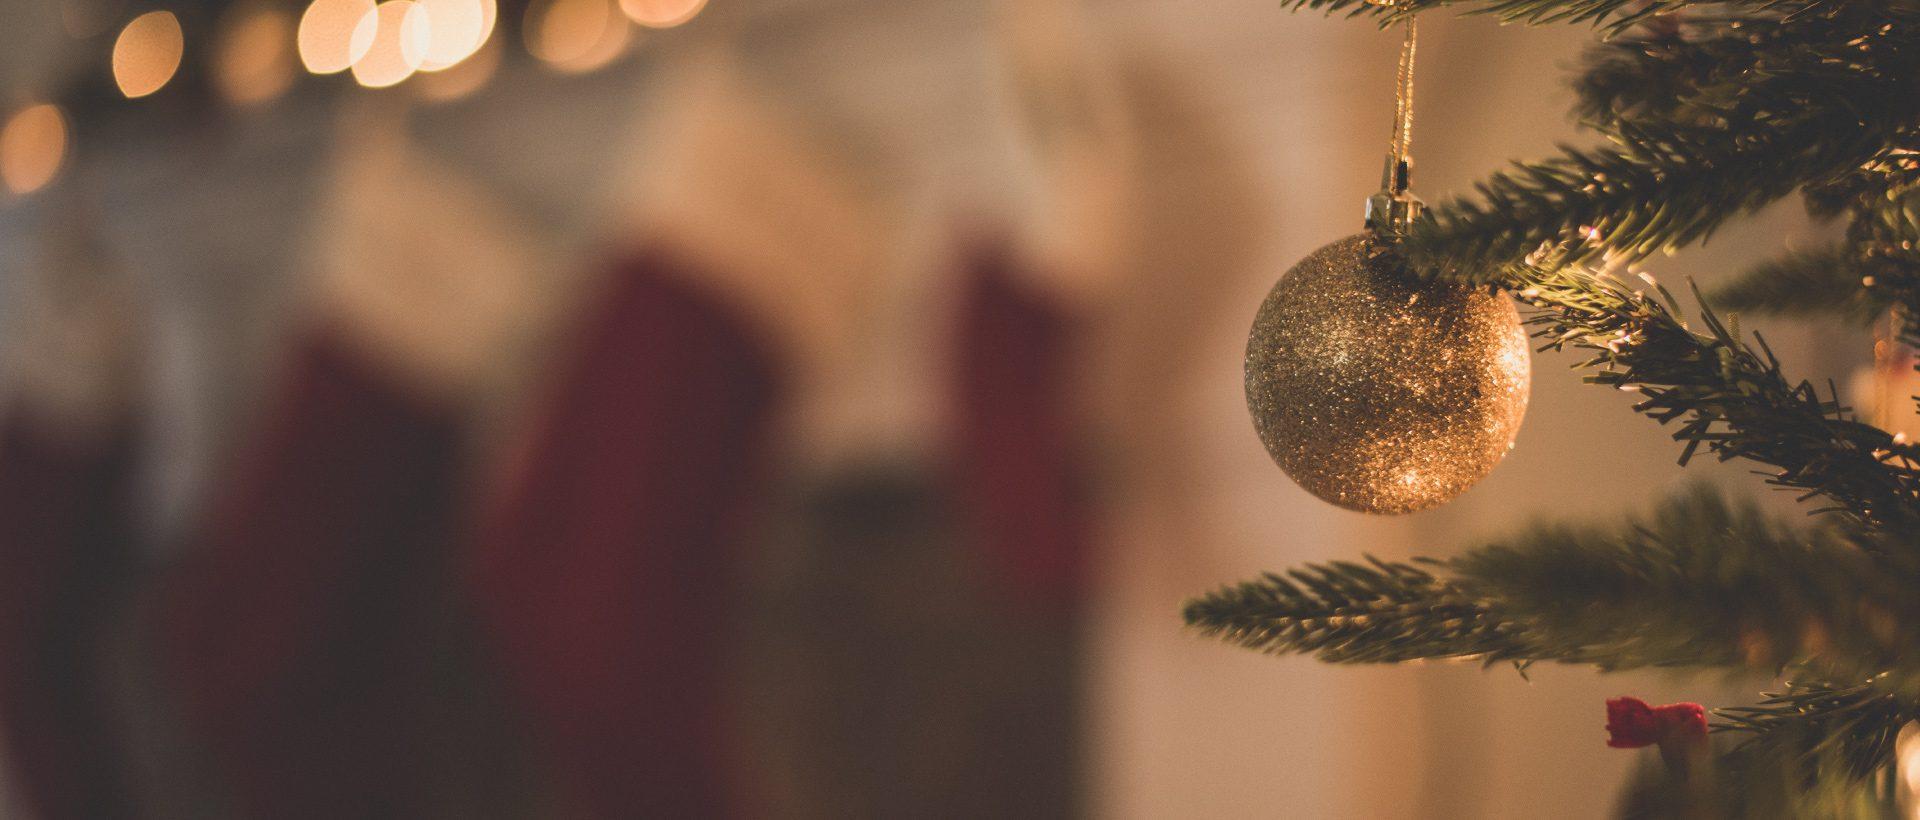 Festeggiare il Natale con un cuore infranto